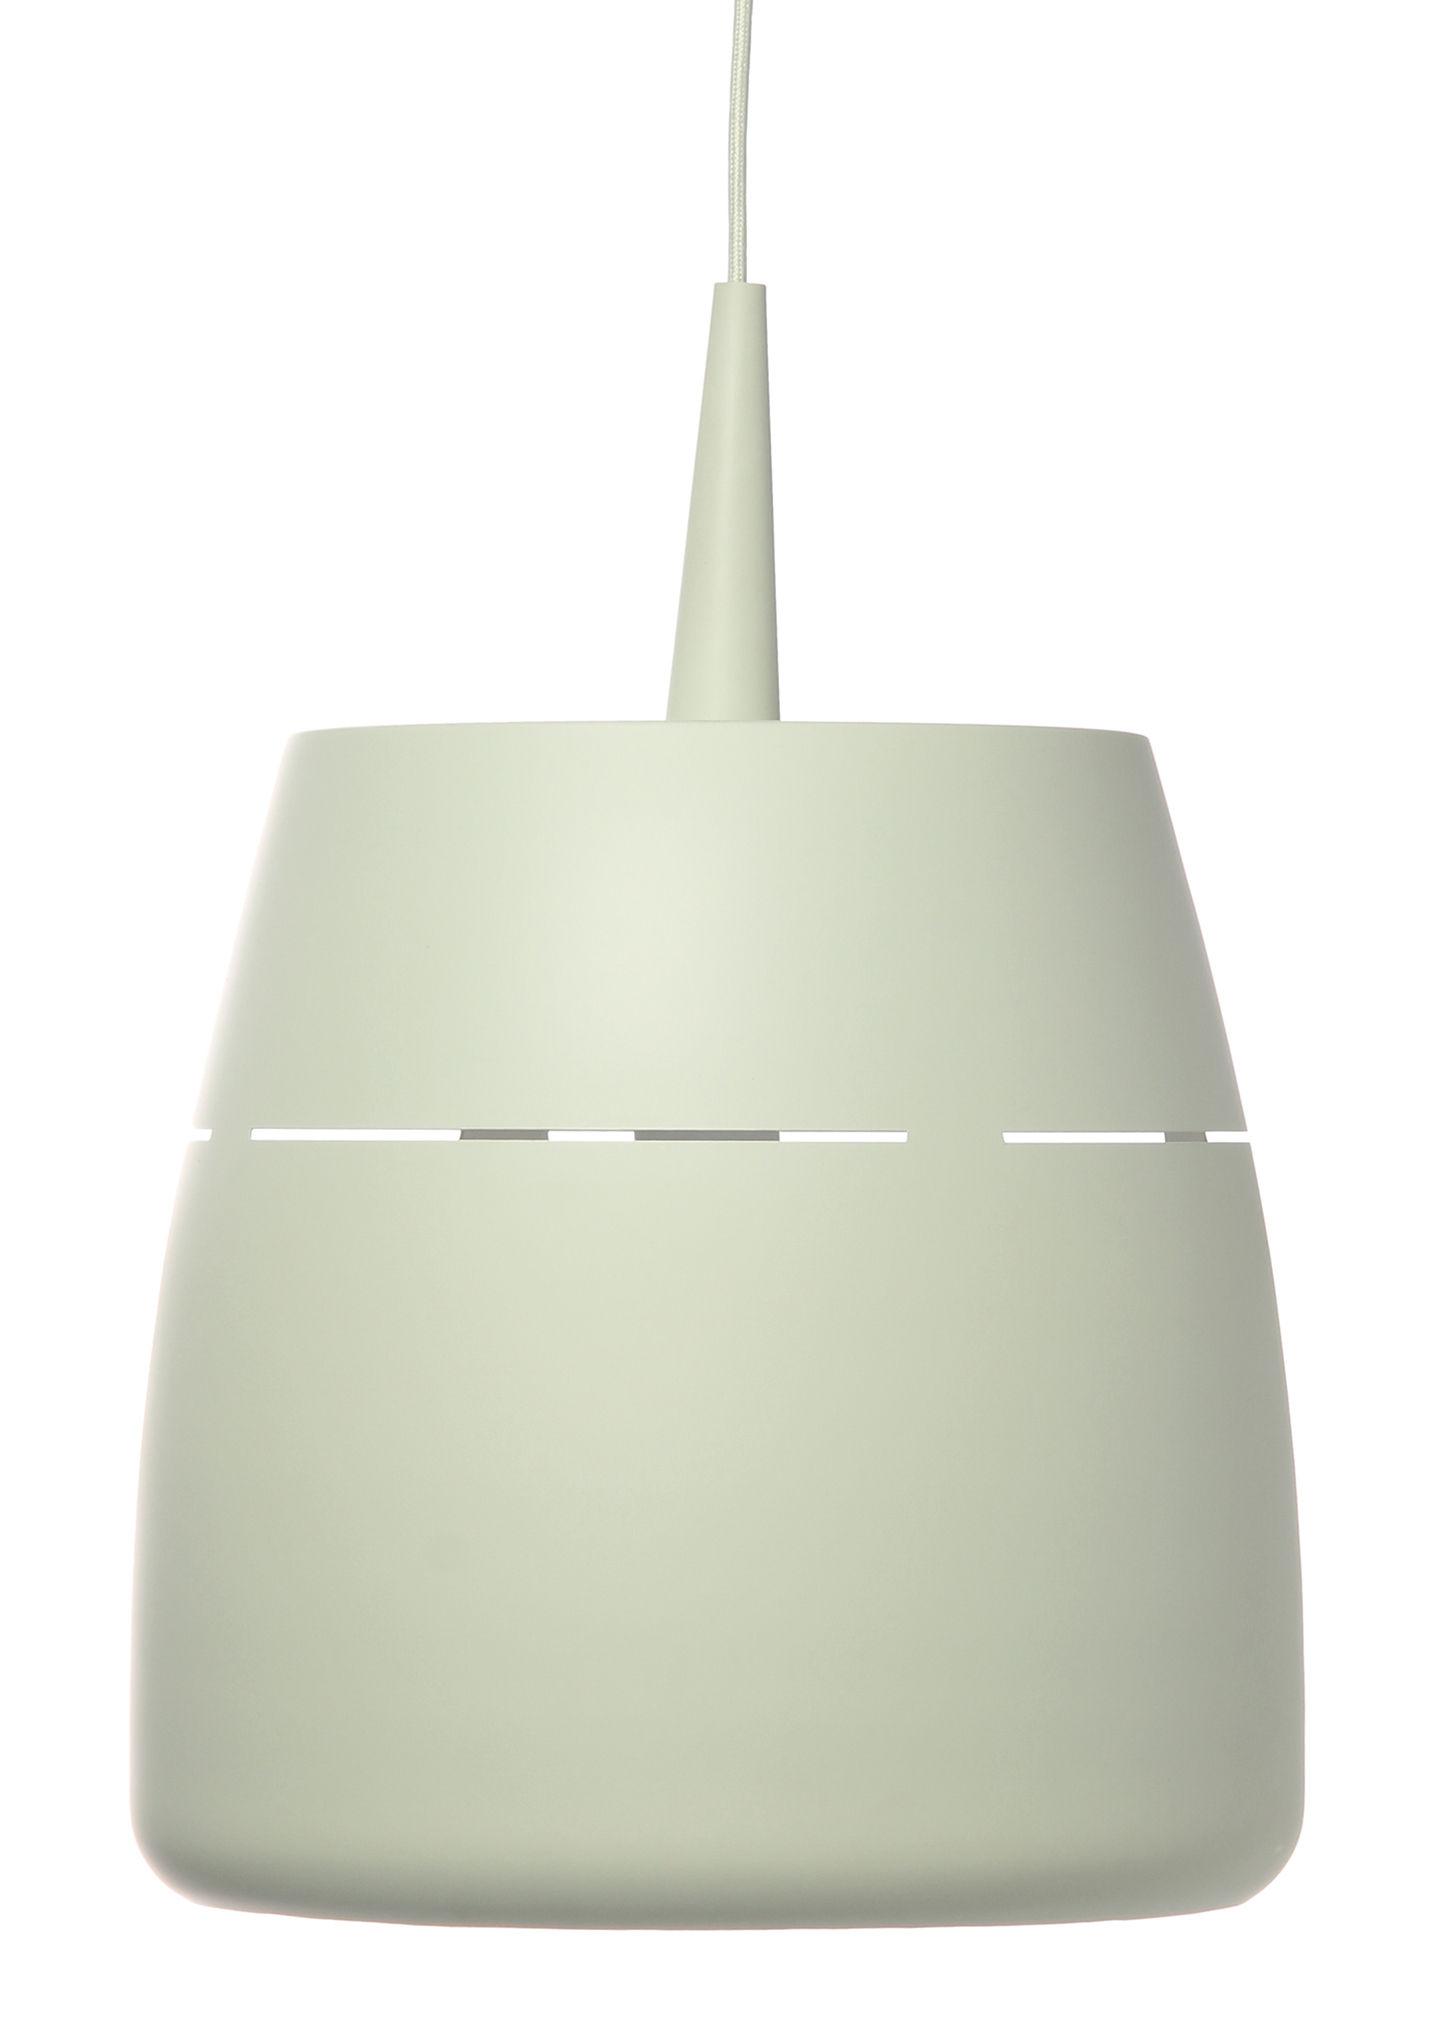 Illuminazione - Lampadari - Sospensione Drum di Frandsen - Verdino opaco - metallo verniciato